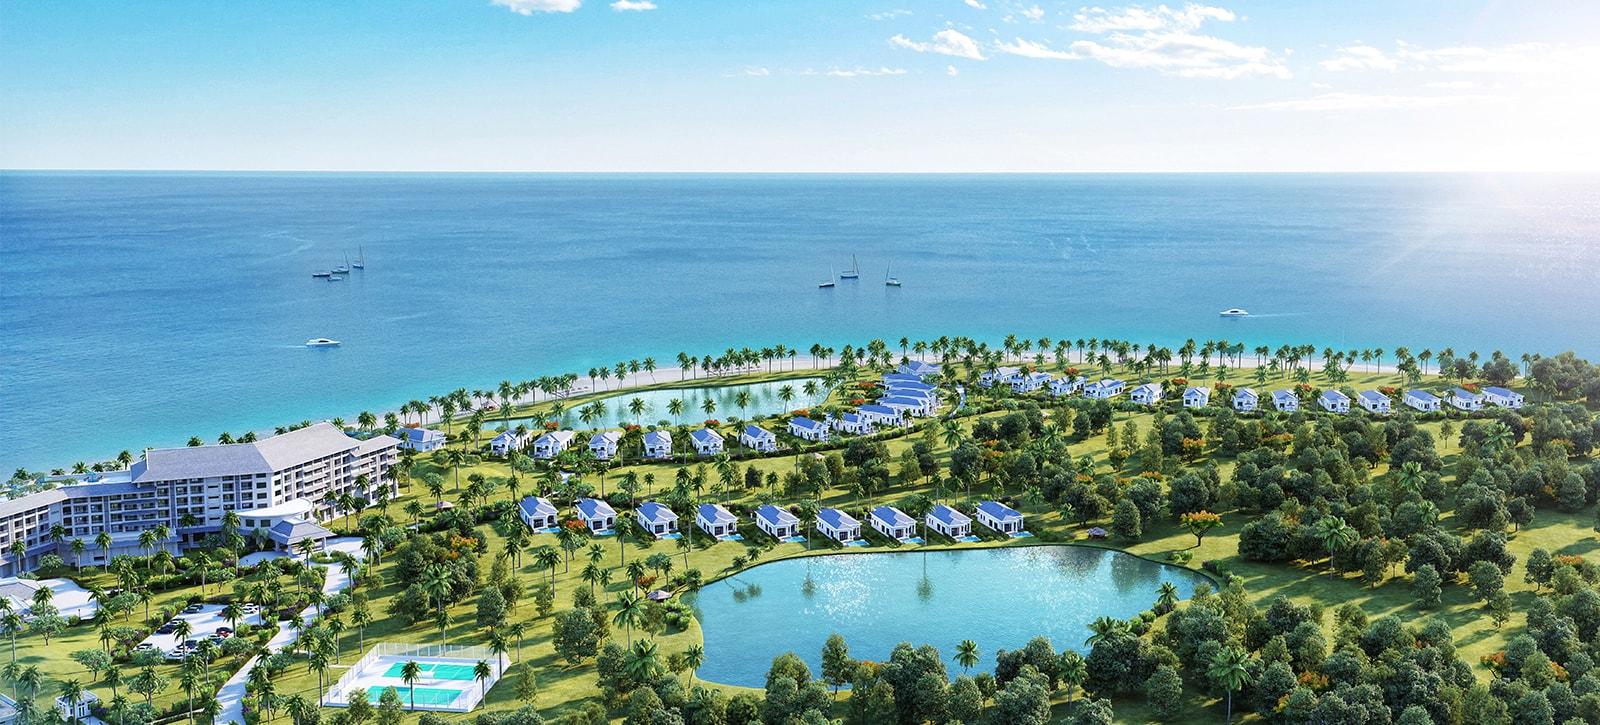 Dự án Aria Đà Nẵng Hotel & Resort (Aria DaNang Hotel And Resort) vinpearl